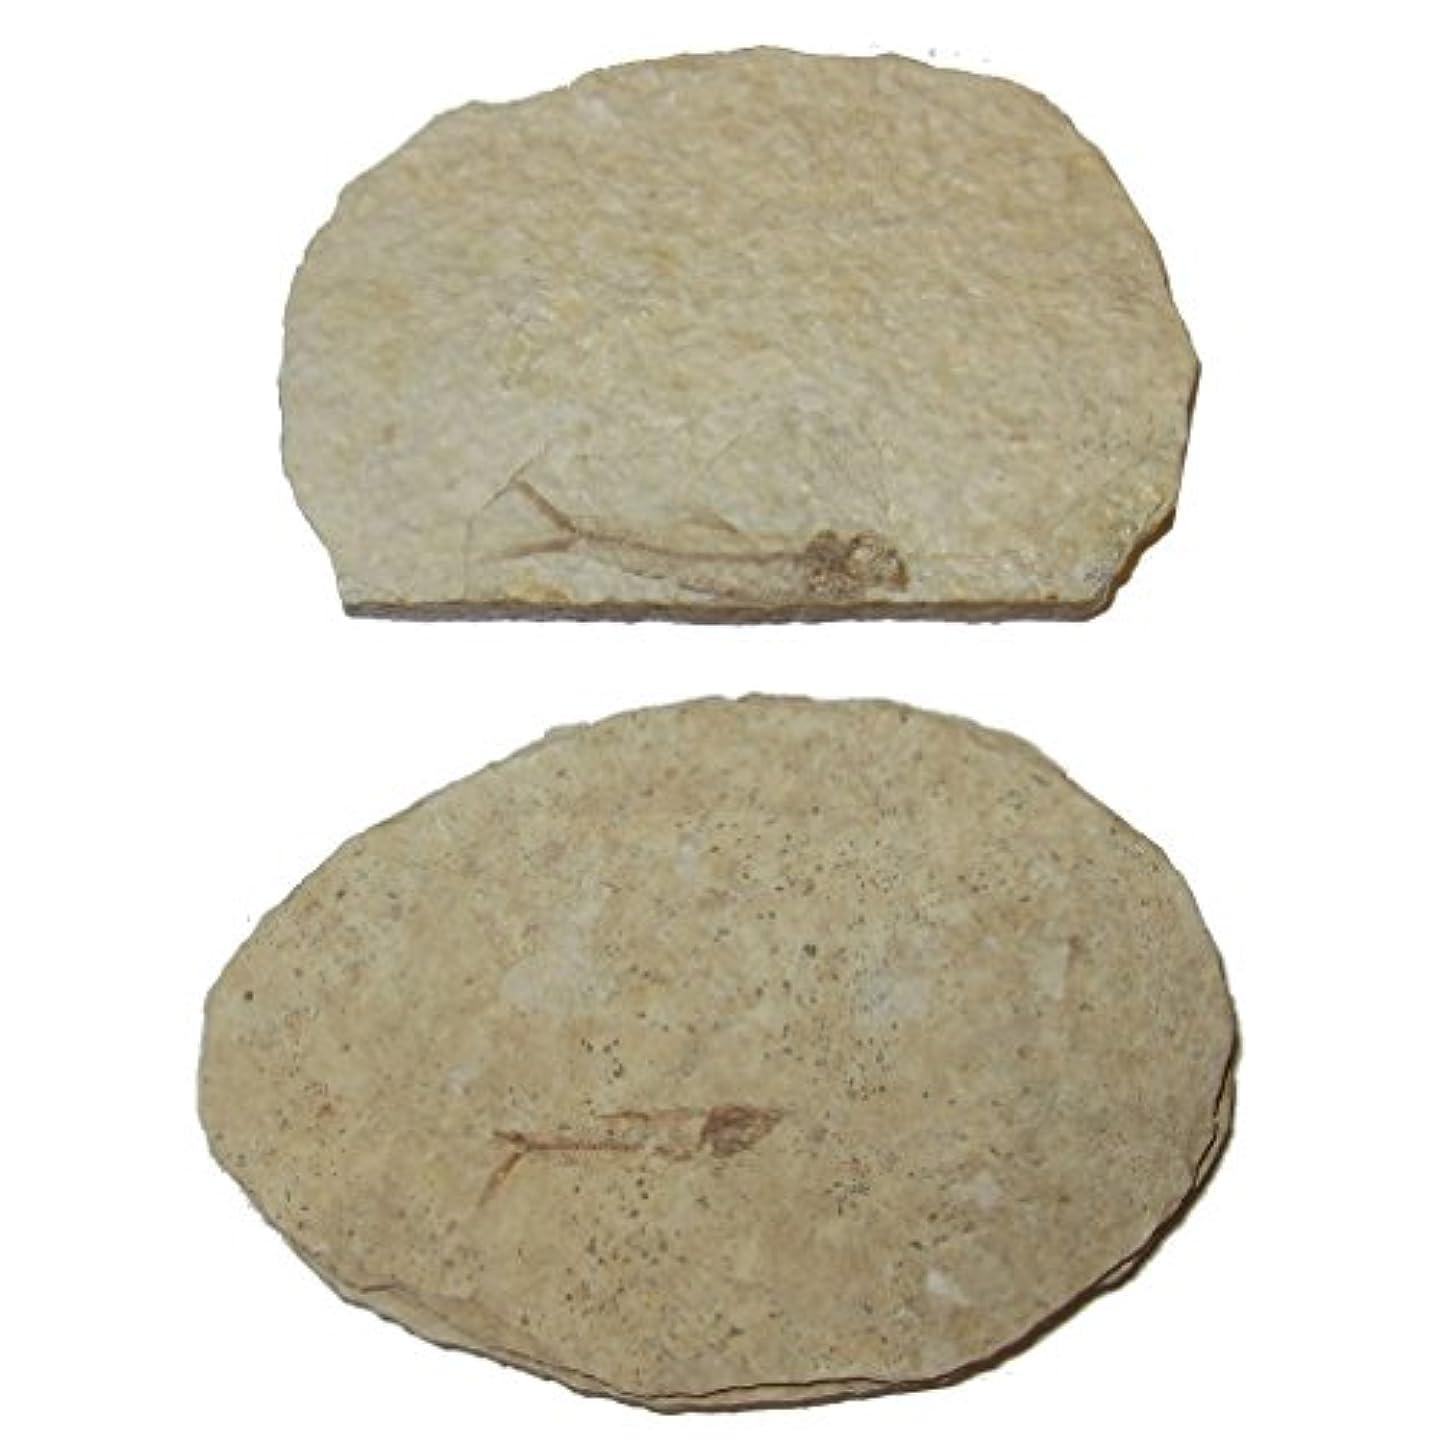 化粧シャイニング釈義化石スライス51 Fresh Water Herring魚スケルトンAquaticボーンサンプル50万年3